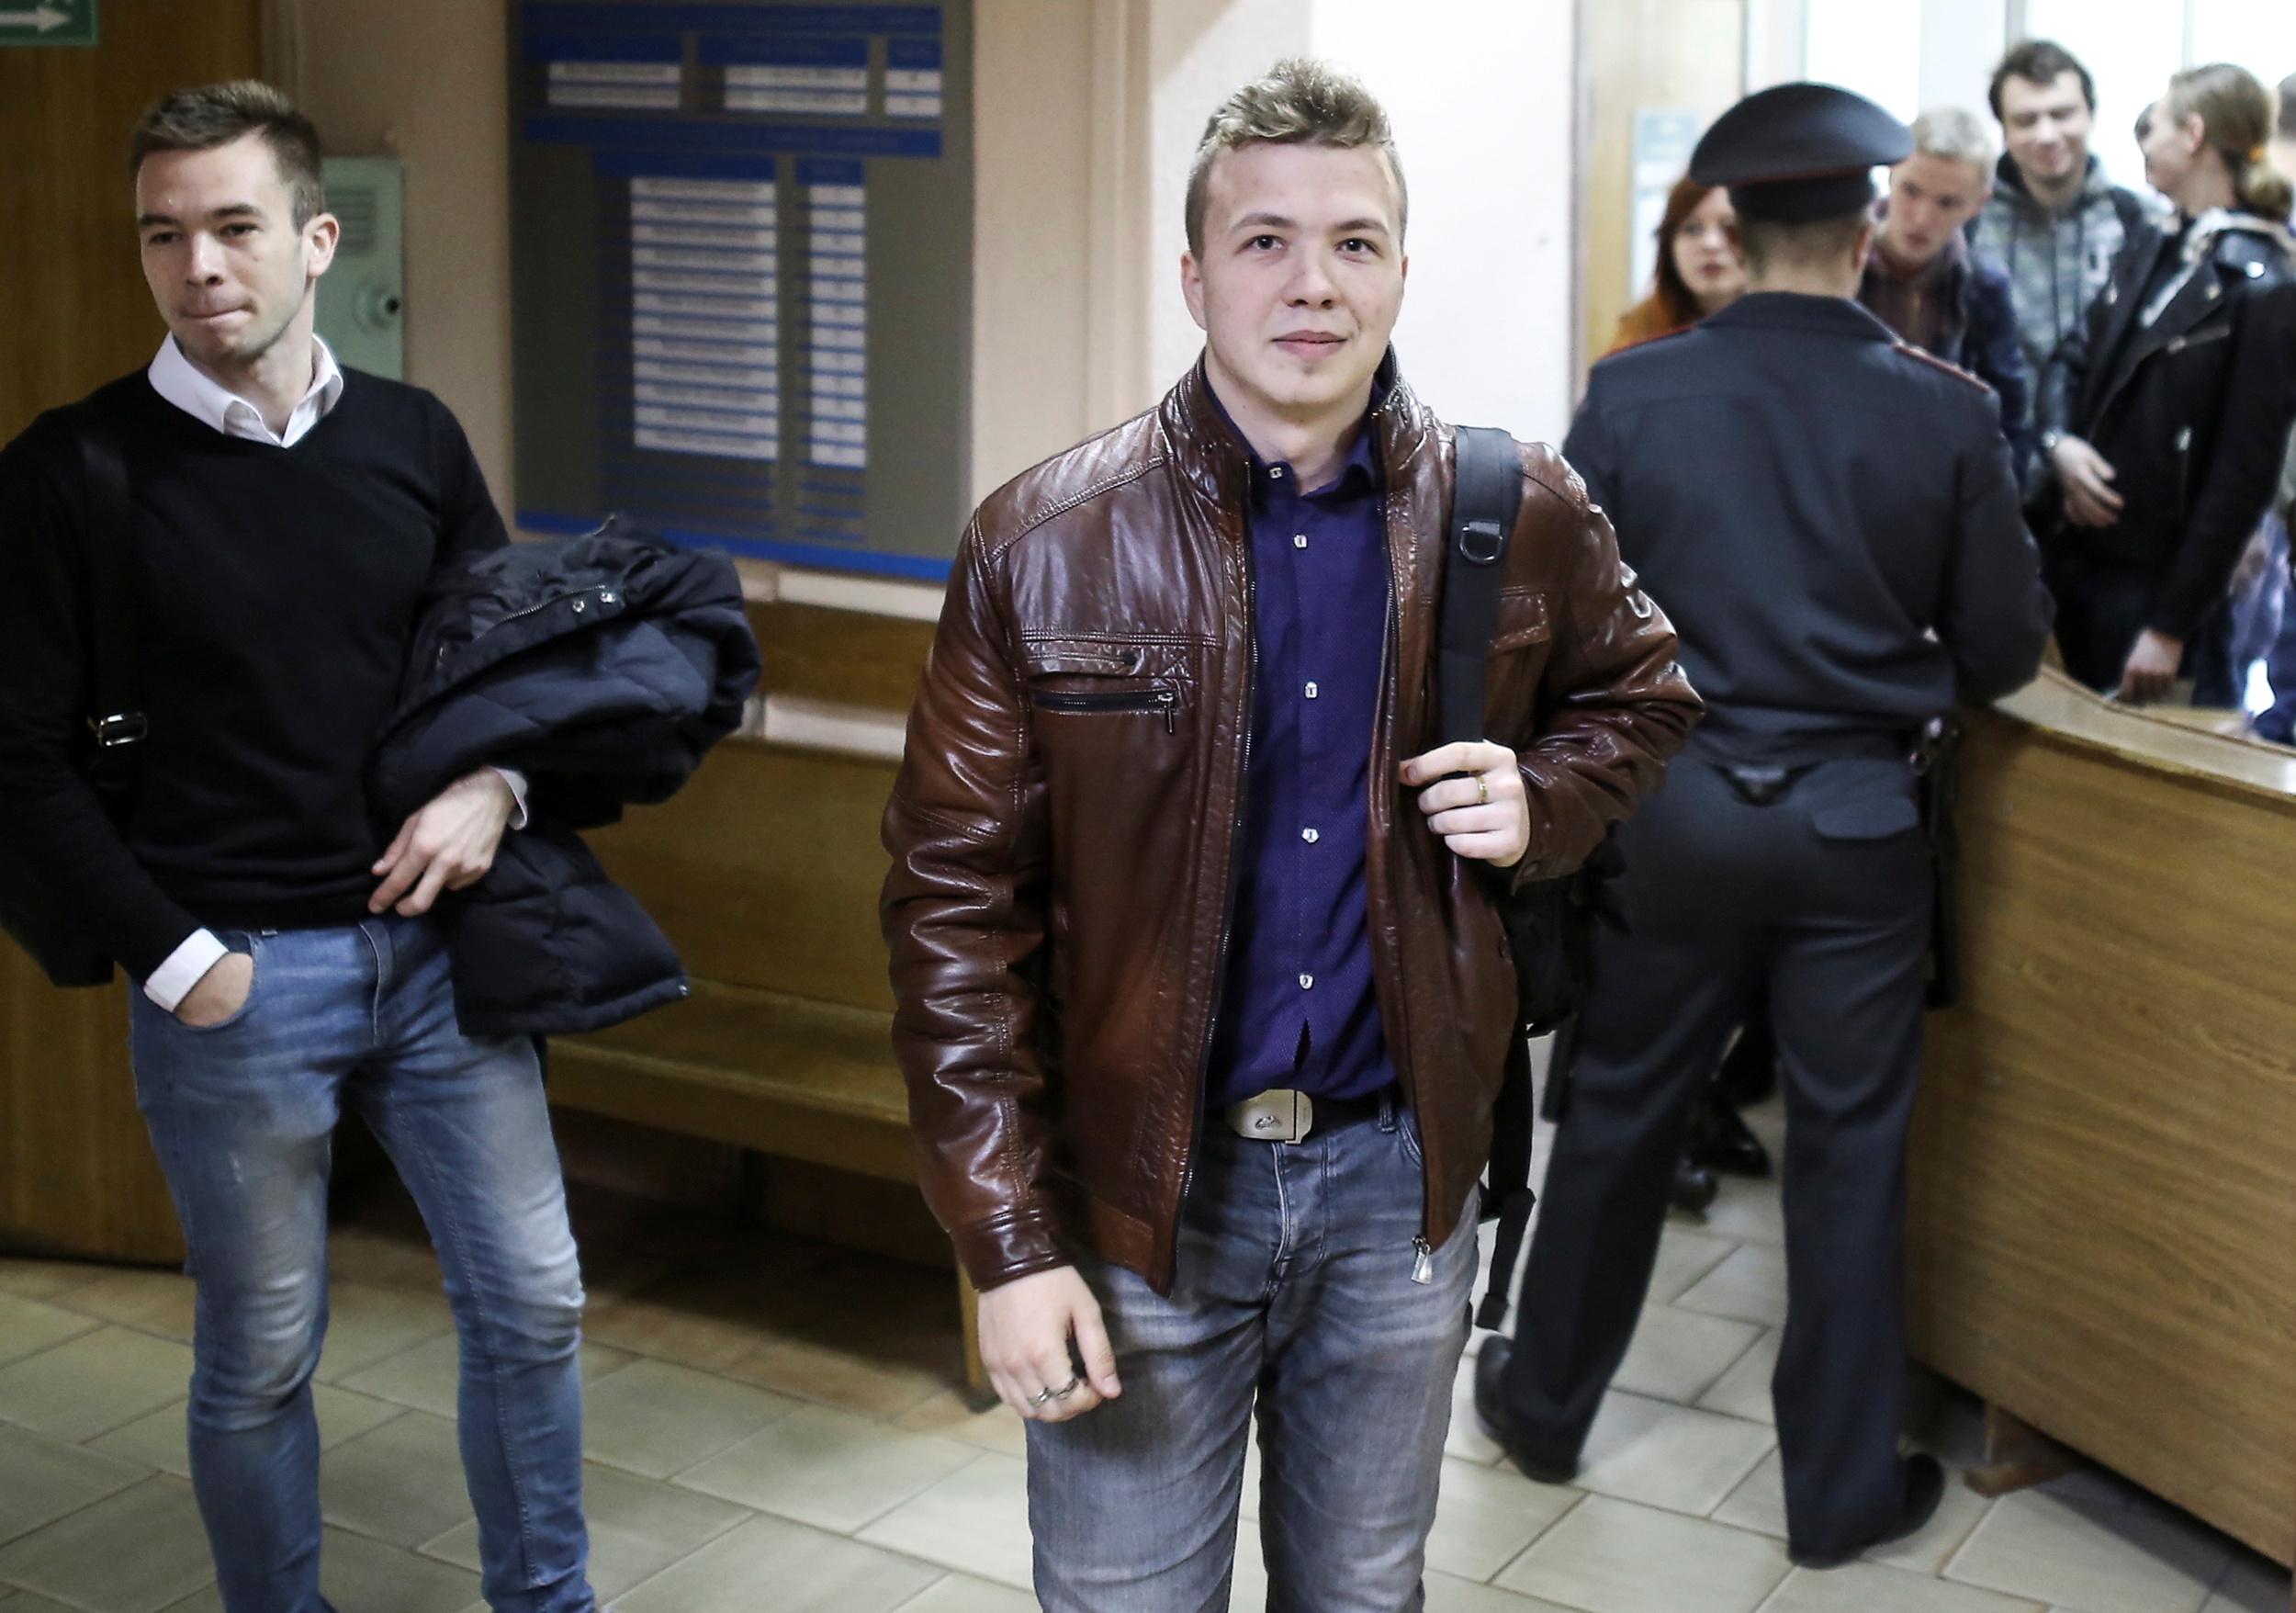 Σύνοδος Κορυφής: Η Ε.Ε «οπλίζει» κατά της Λευκορωσίας – Μπορέλ: Να αφεθεί ελεύθερος ο Προτάσεβιτς